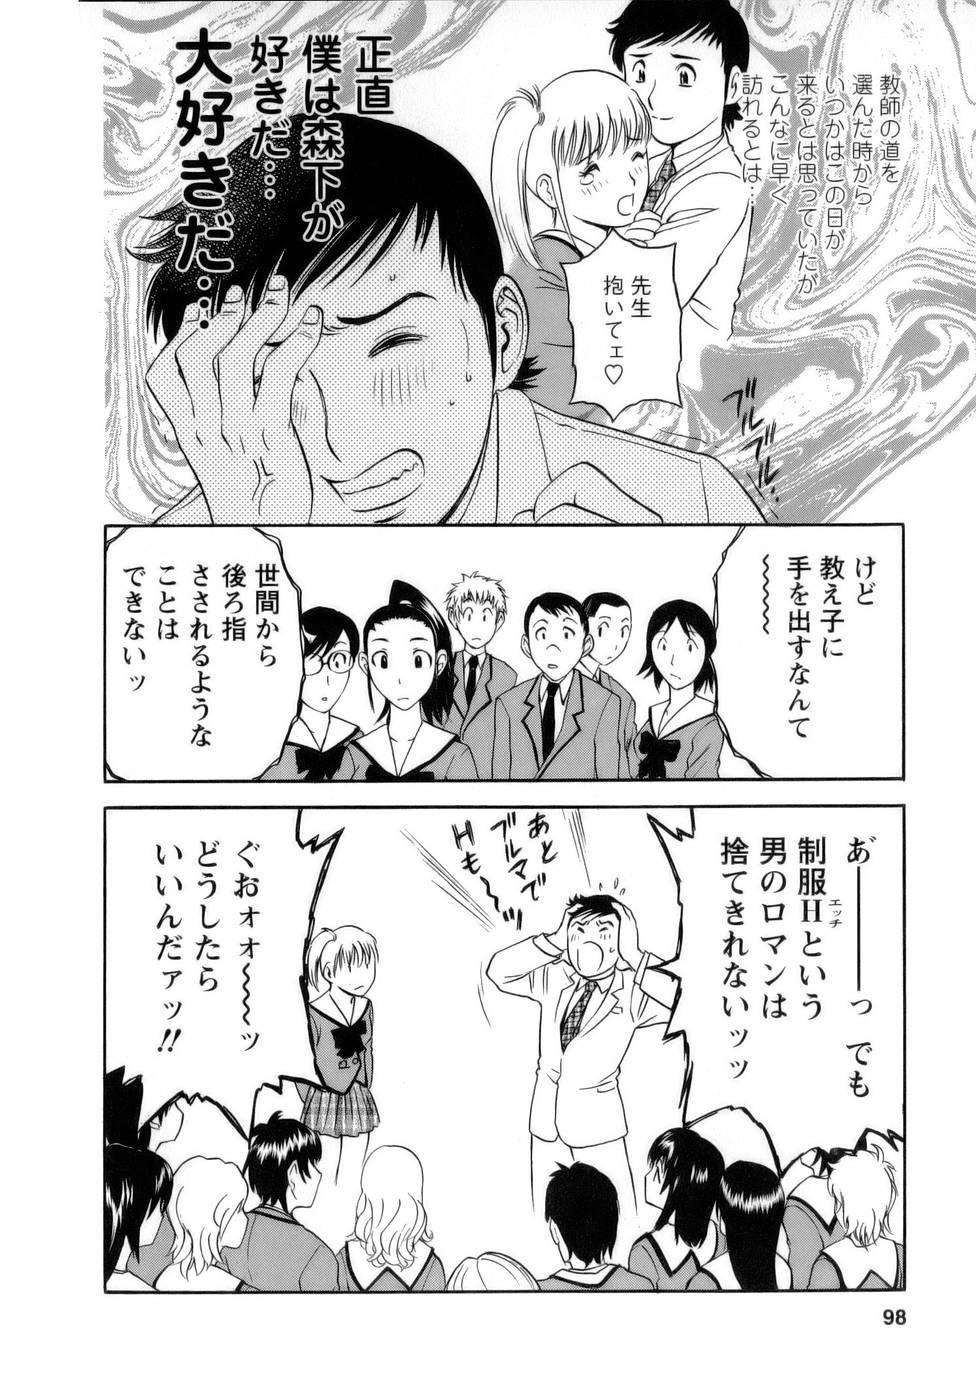 [Hidemaru] Mo-Retsu! Boin Sensei (Boing Boing Teacher) Vol.1 97